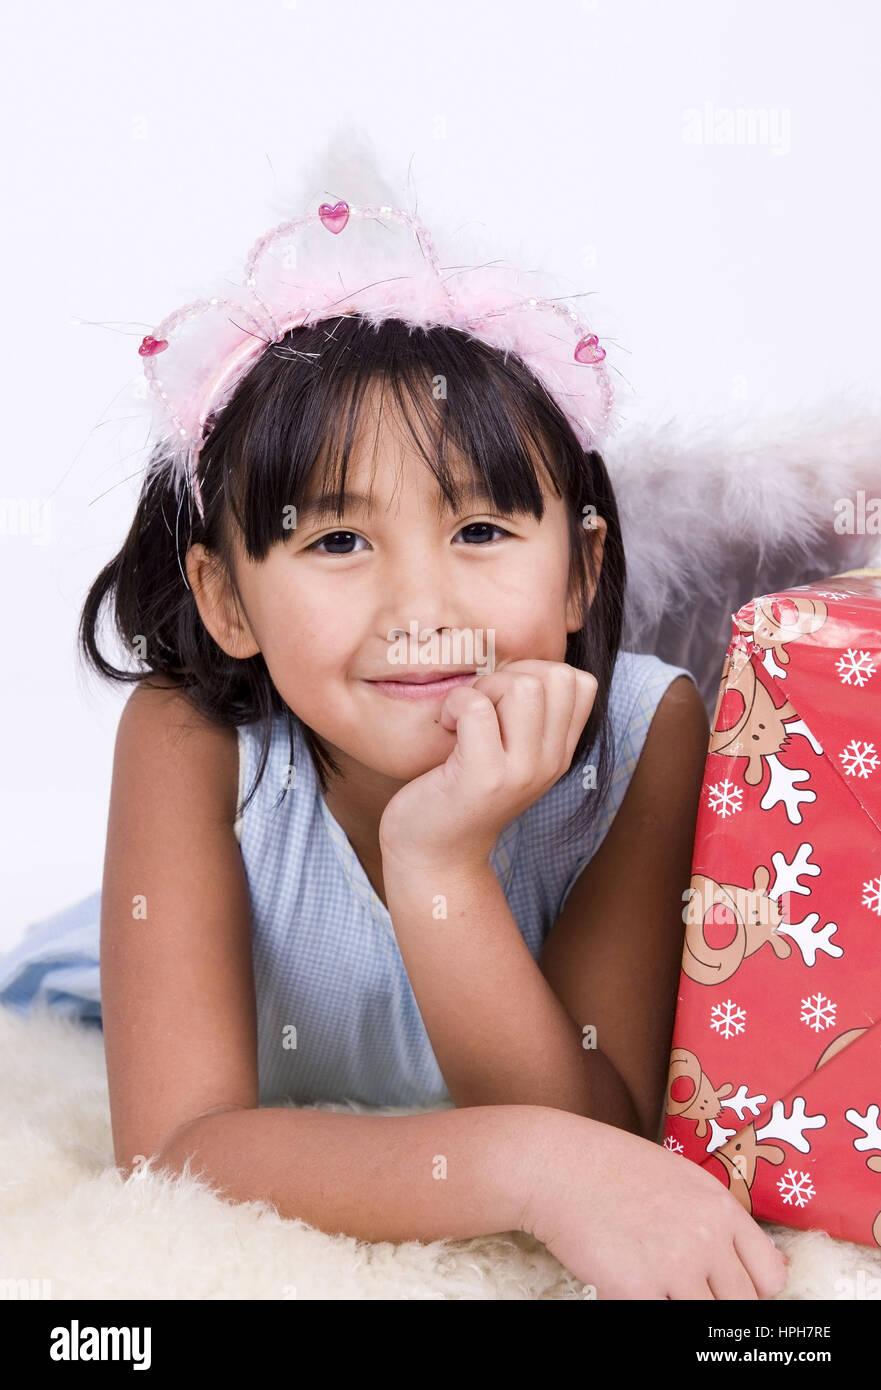 Asiatisches Maedchen Mit Weihnachtsgeschenk - Mädchen mit ...